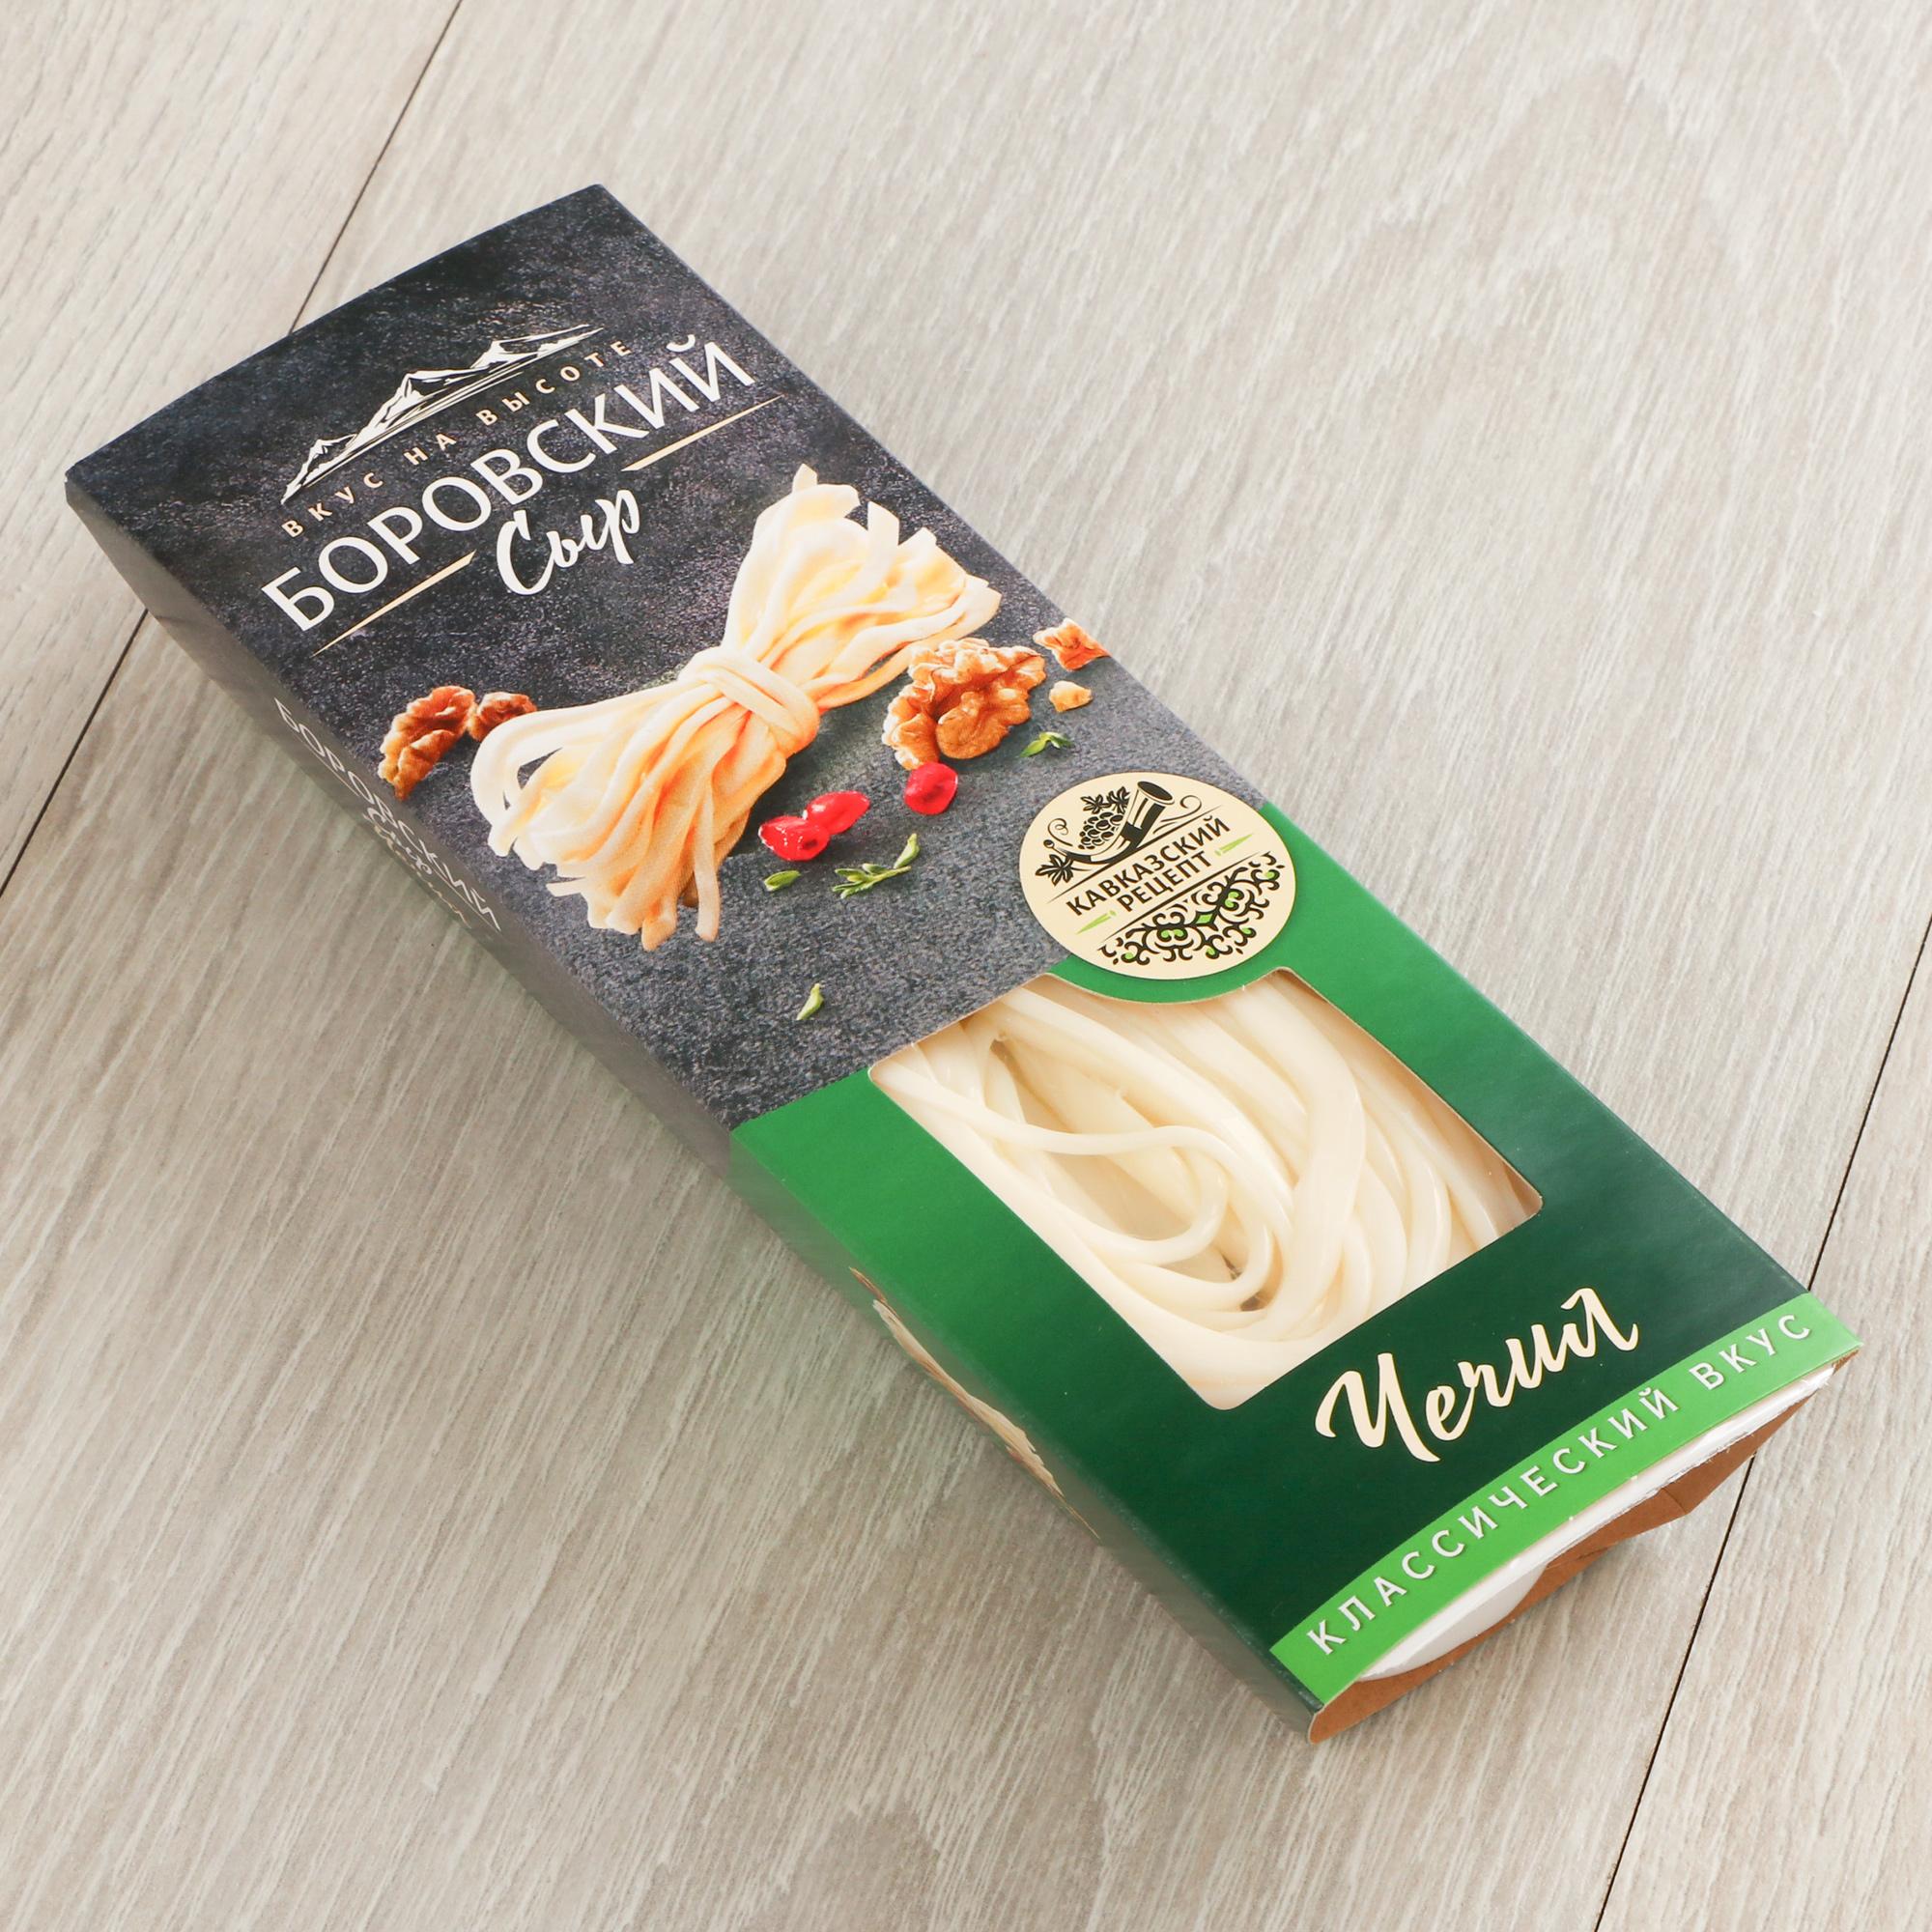 Сыр Боровский сыр Чечил 130 г